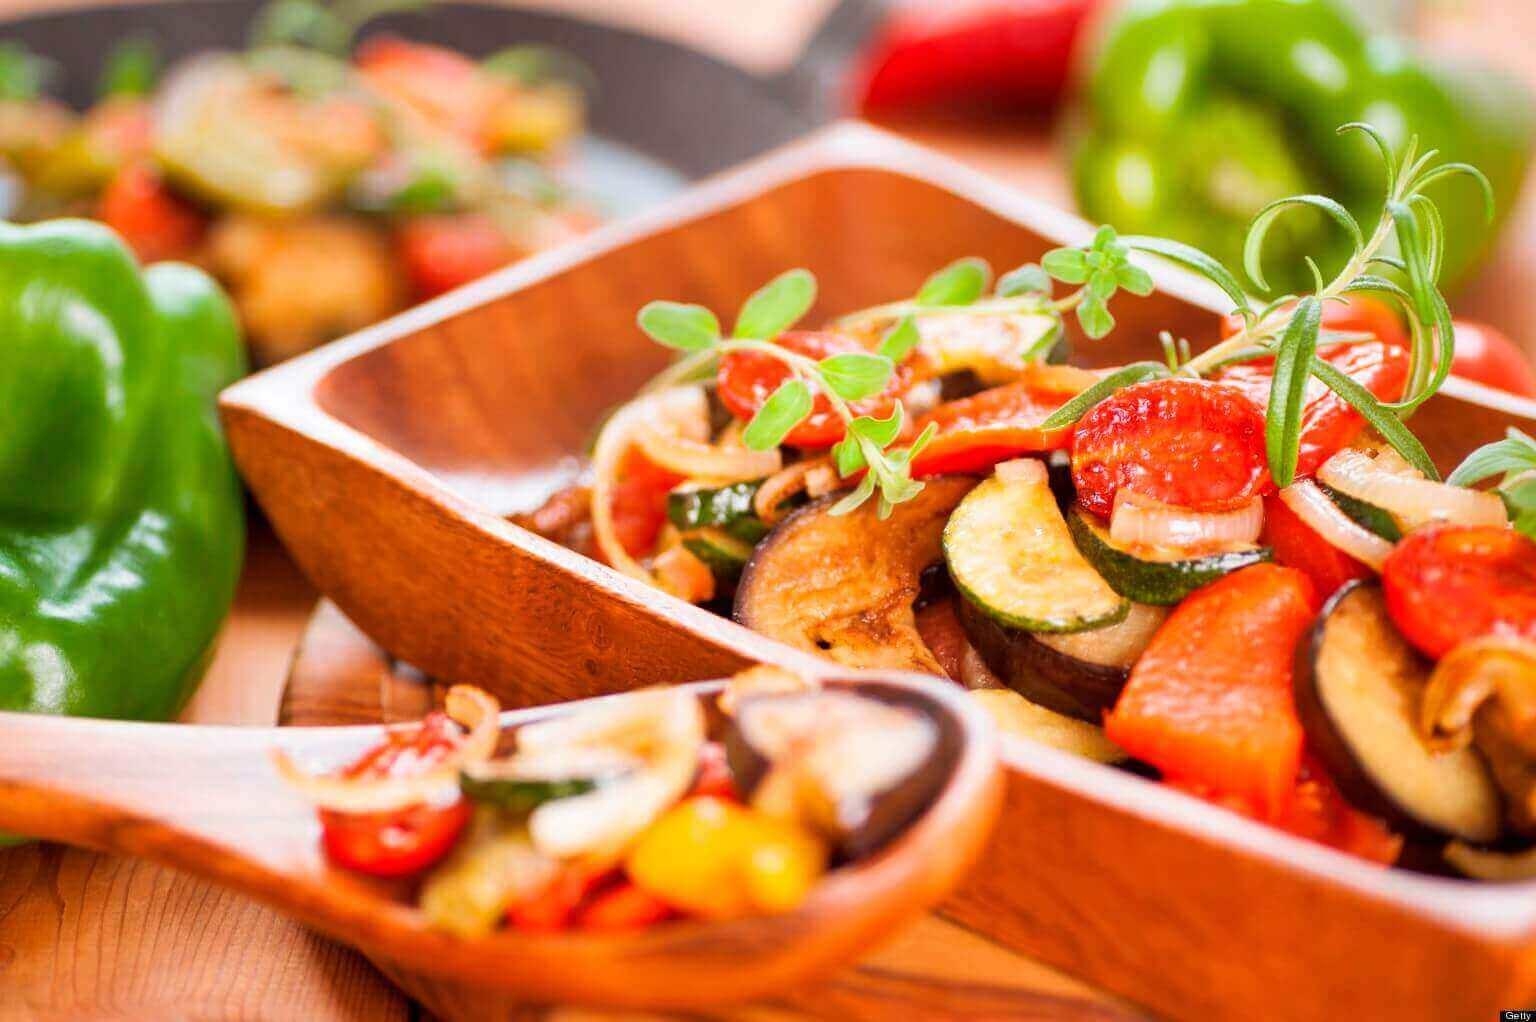 Η Ελλάδα έχει την δυνατότητα παραγωγής τροφίμων υψηλής ποιότητας